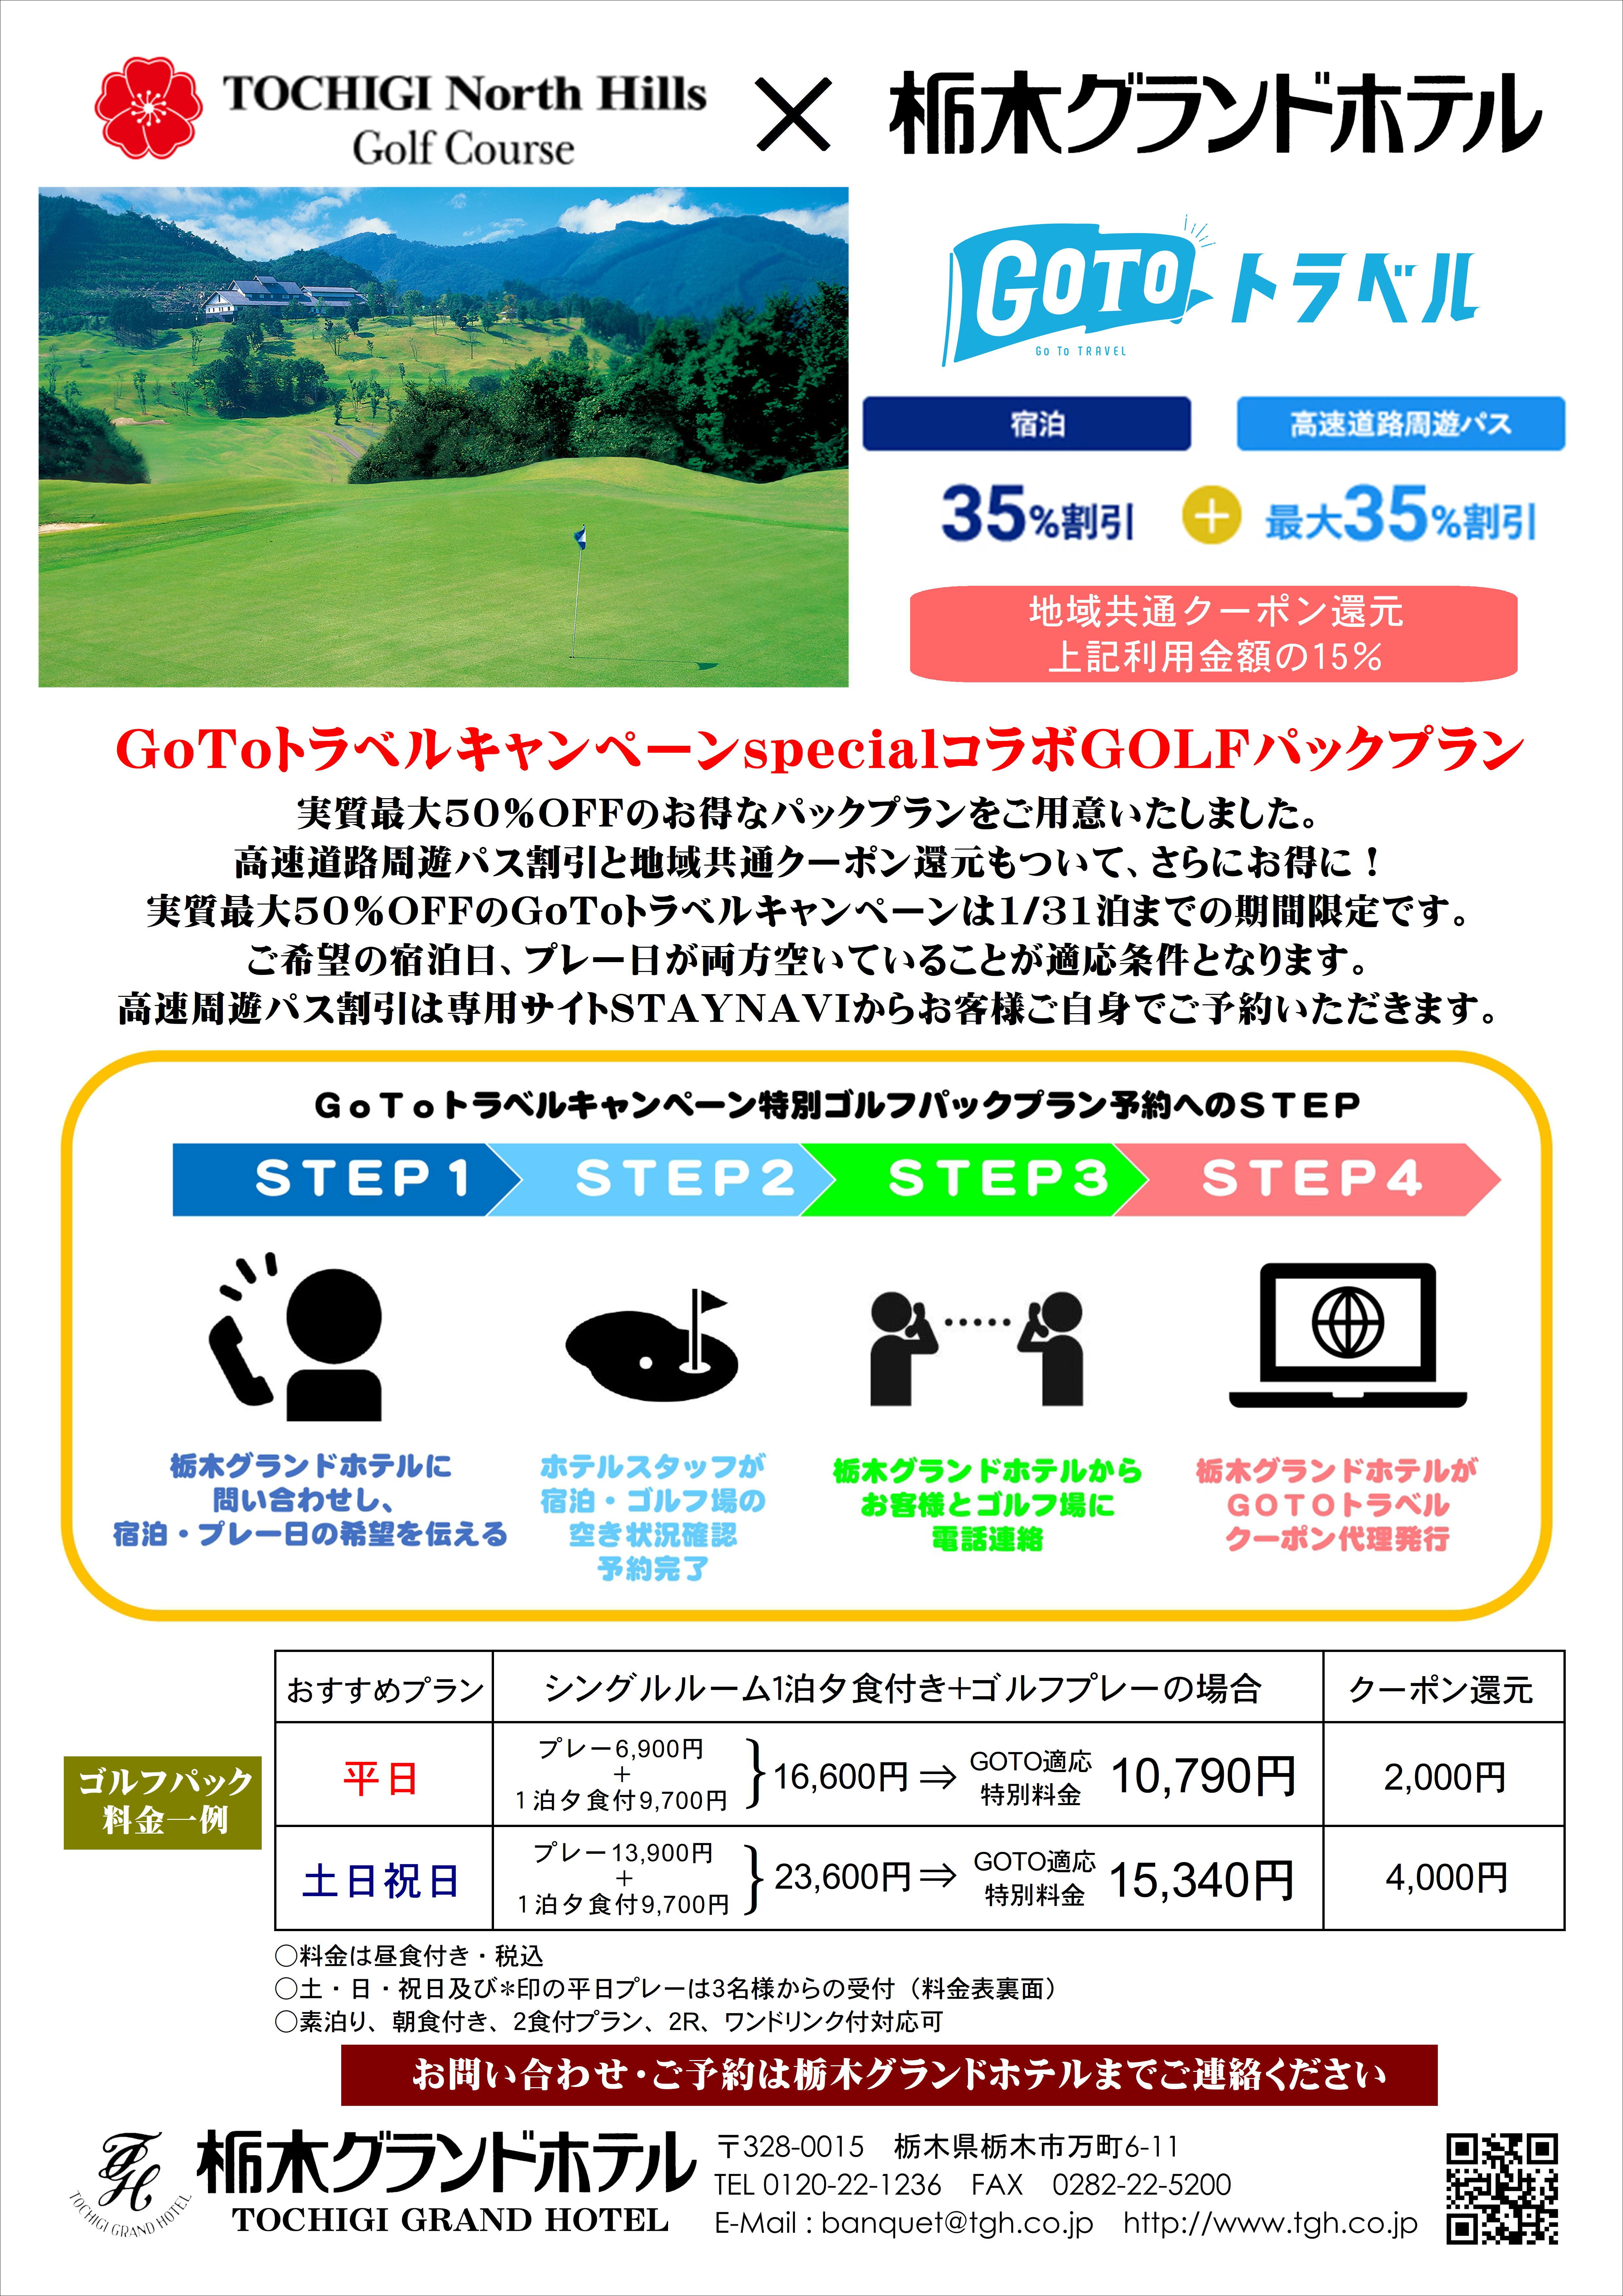 http://www.tgh.co.jp/contents/news/%E3%83%8E%E3%83%BC%E3%82%B9%E3%83%92%E3%83%AB%E3%82%BA%E3%83%81%E3%83%A9%E3%82%B7.jpg